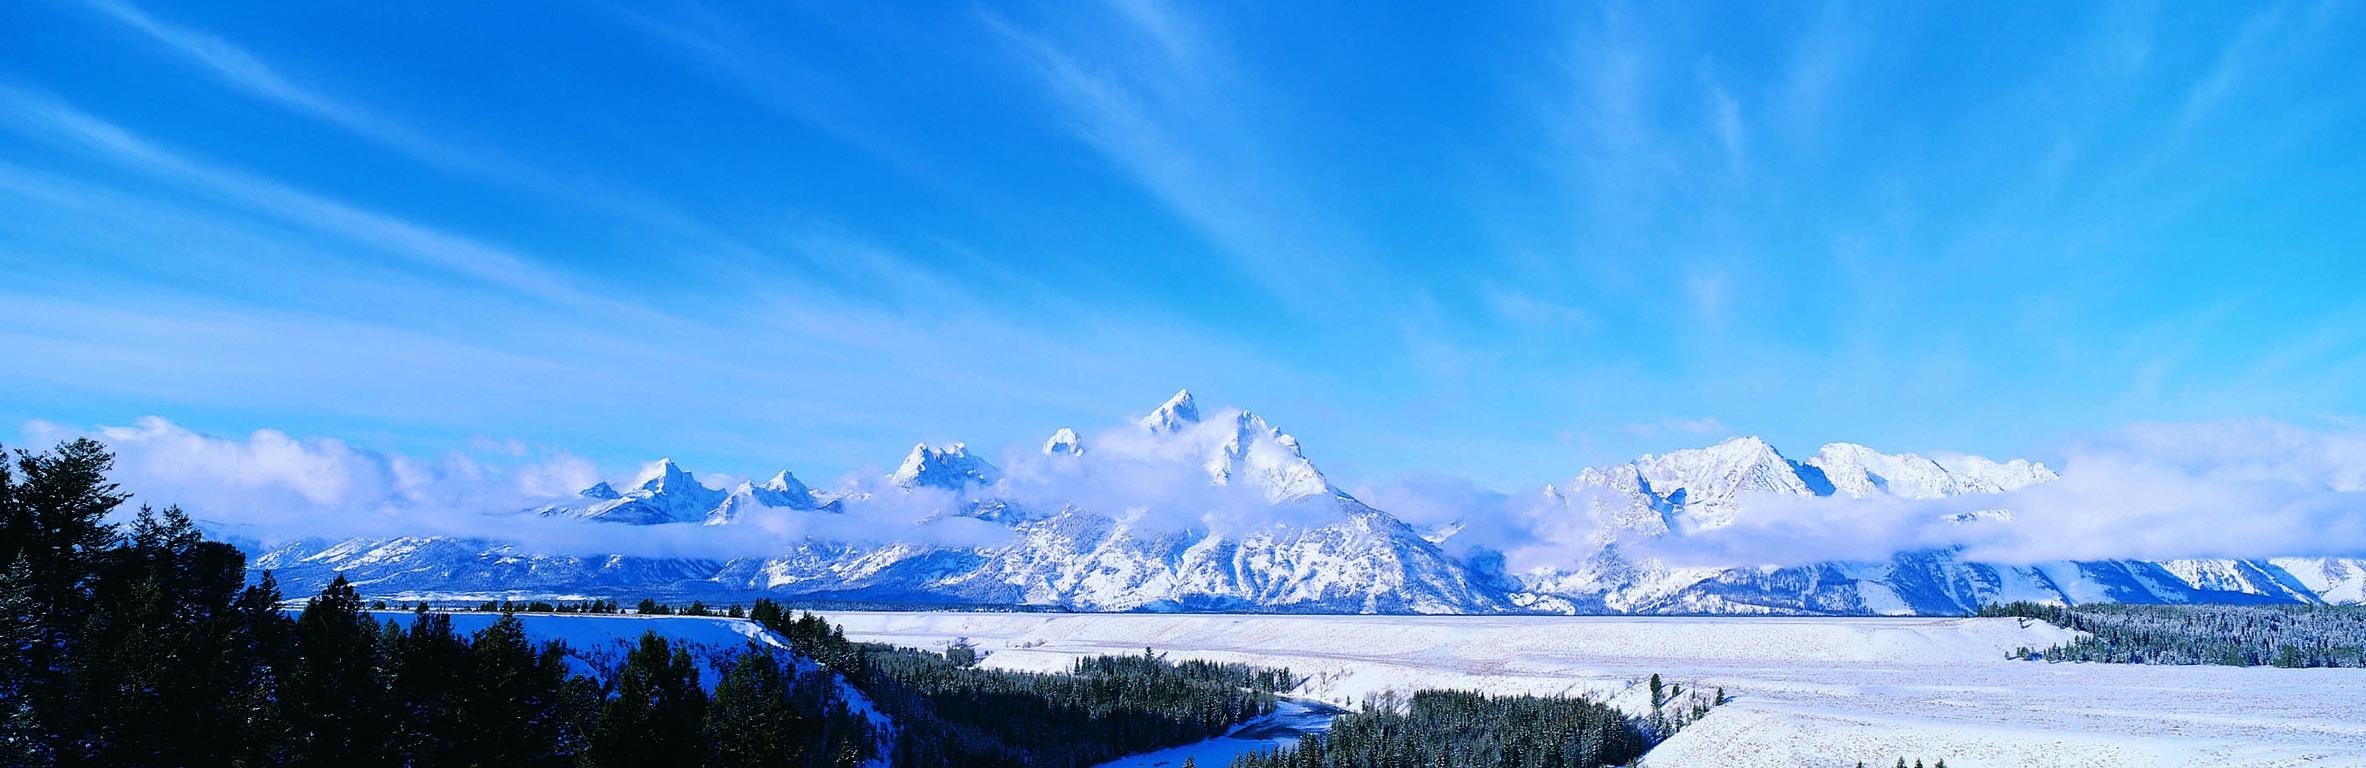 山岳写真 壁紙 - Mountains Photo WALLPAPER